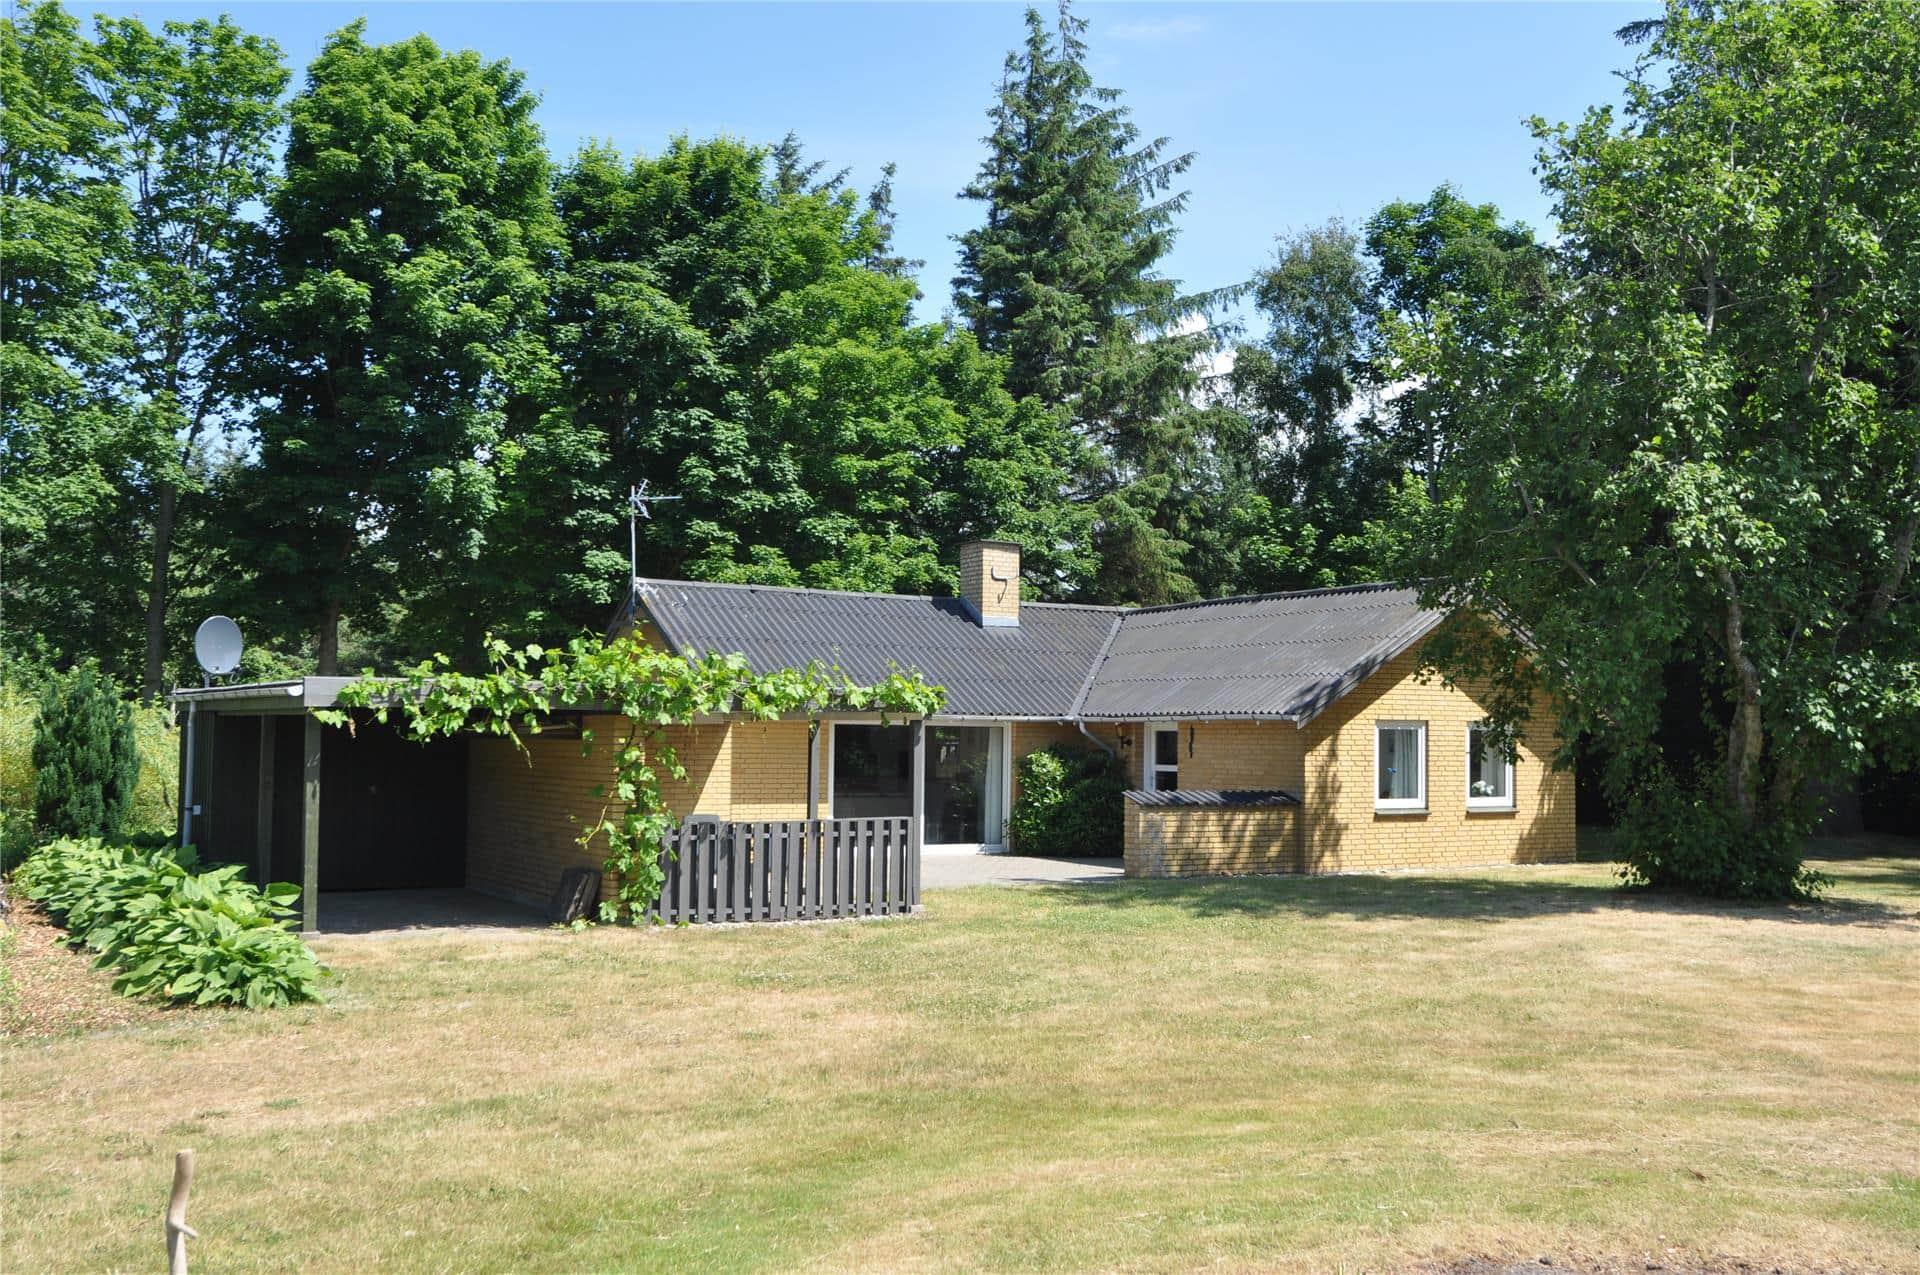 Bild 1-175 Ferienhaus 30018, Irisvej 392, DK - 6990 Ulfborg